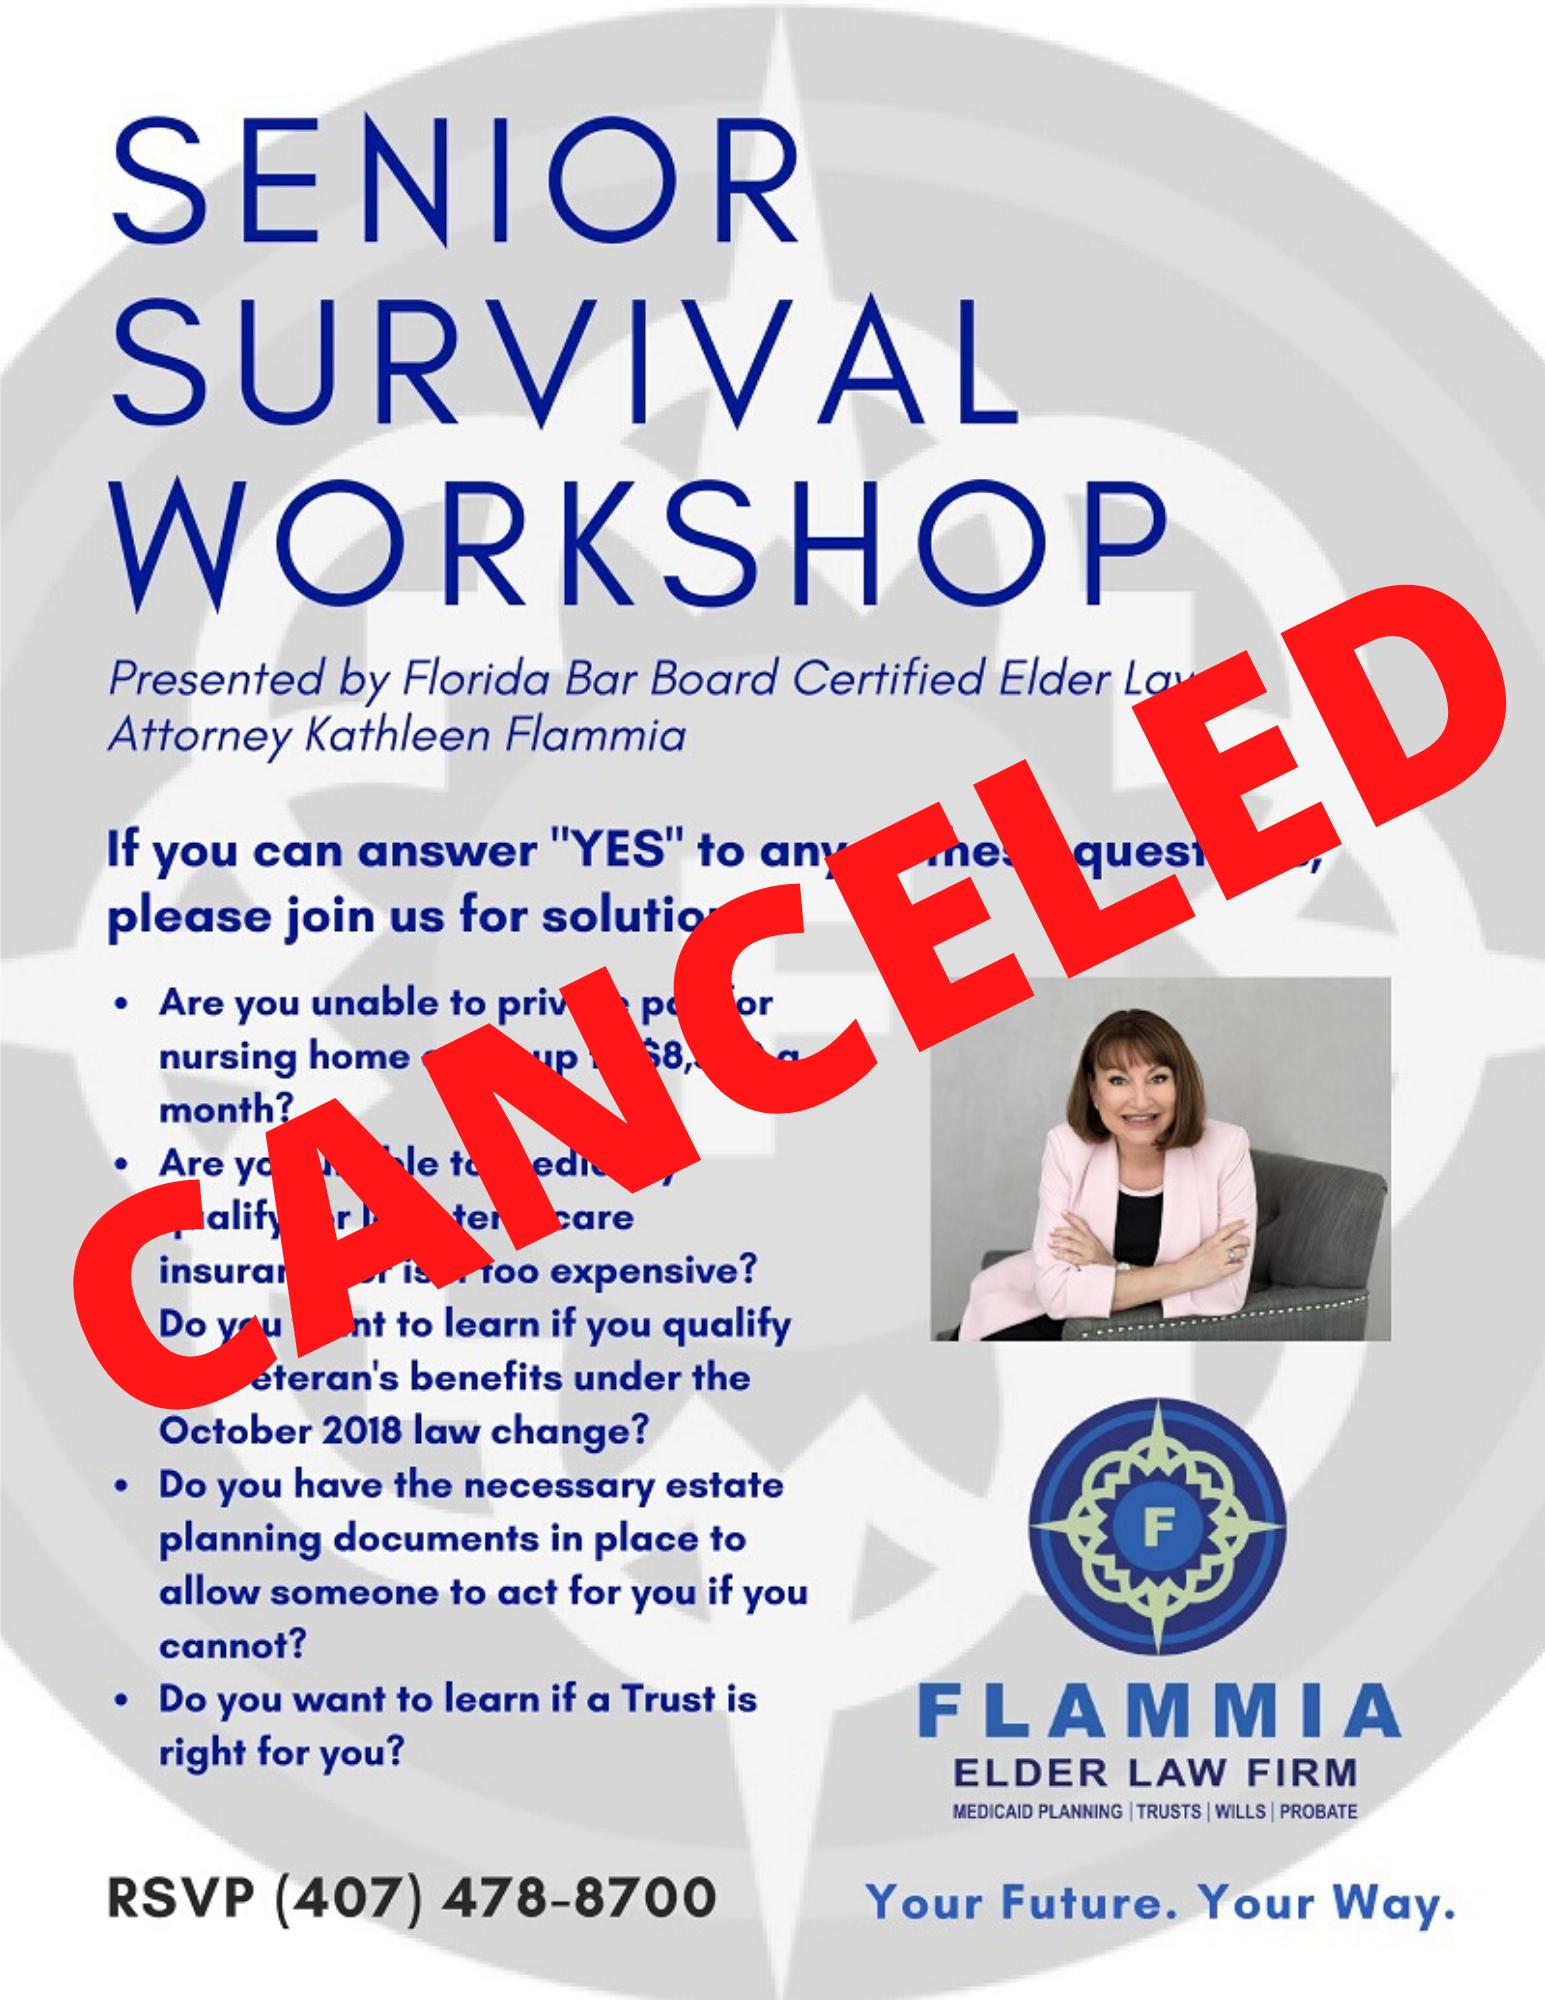 CANCELED: Senior Survival Workshop